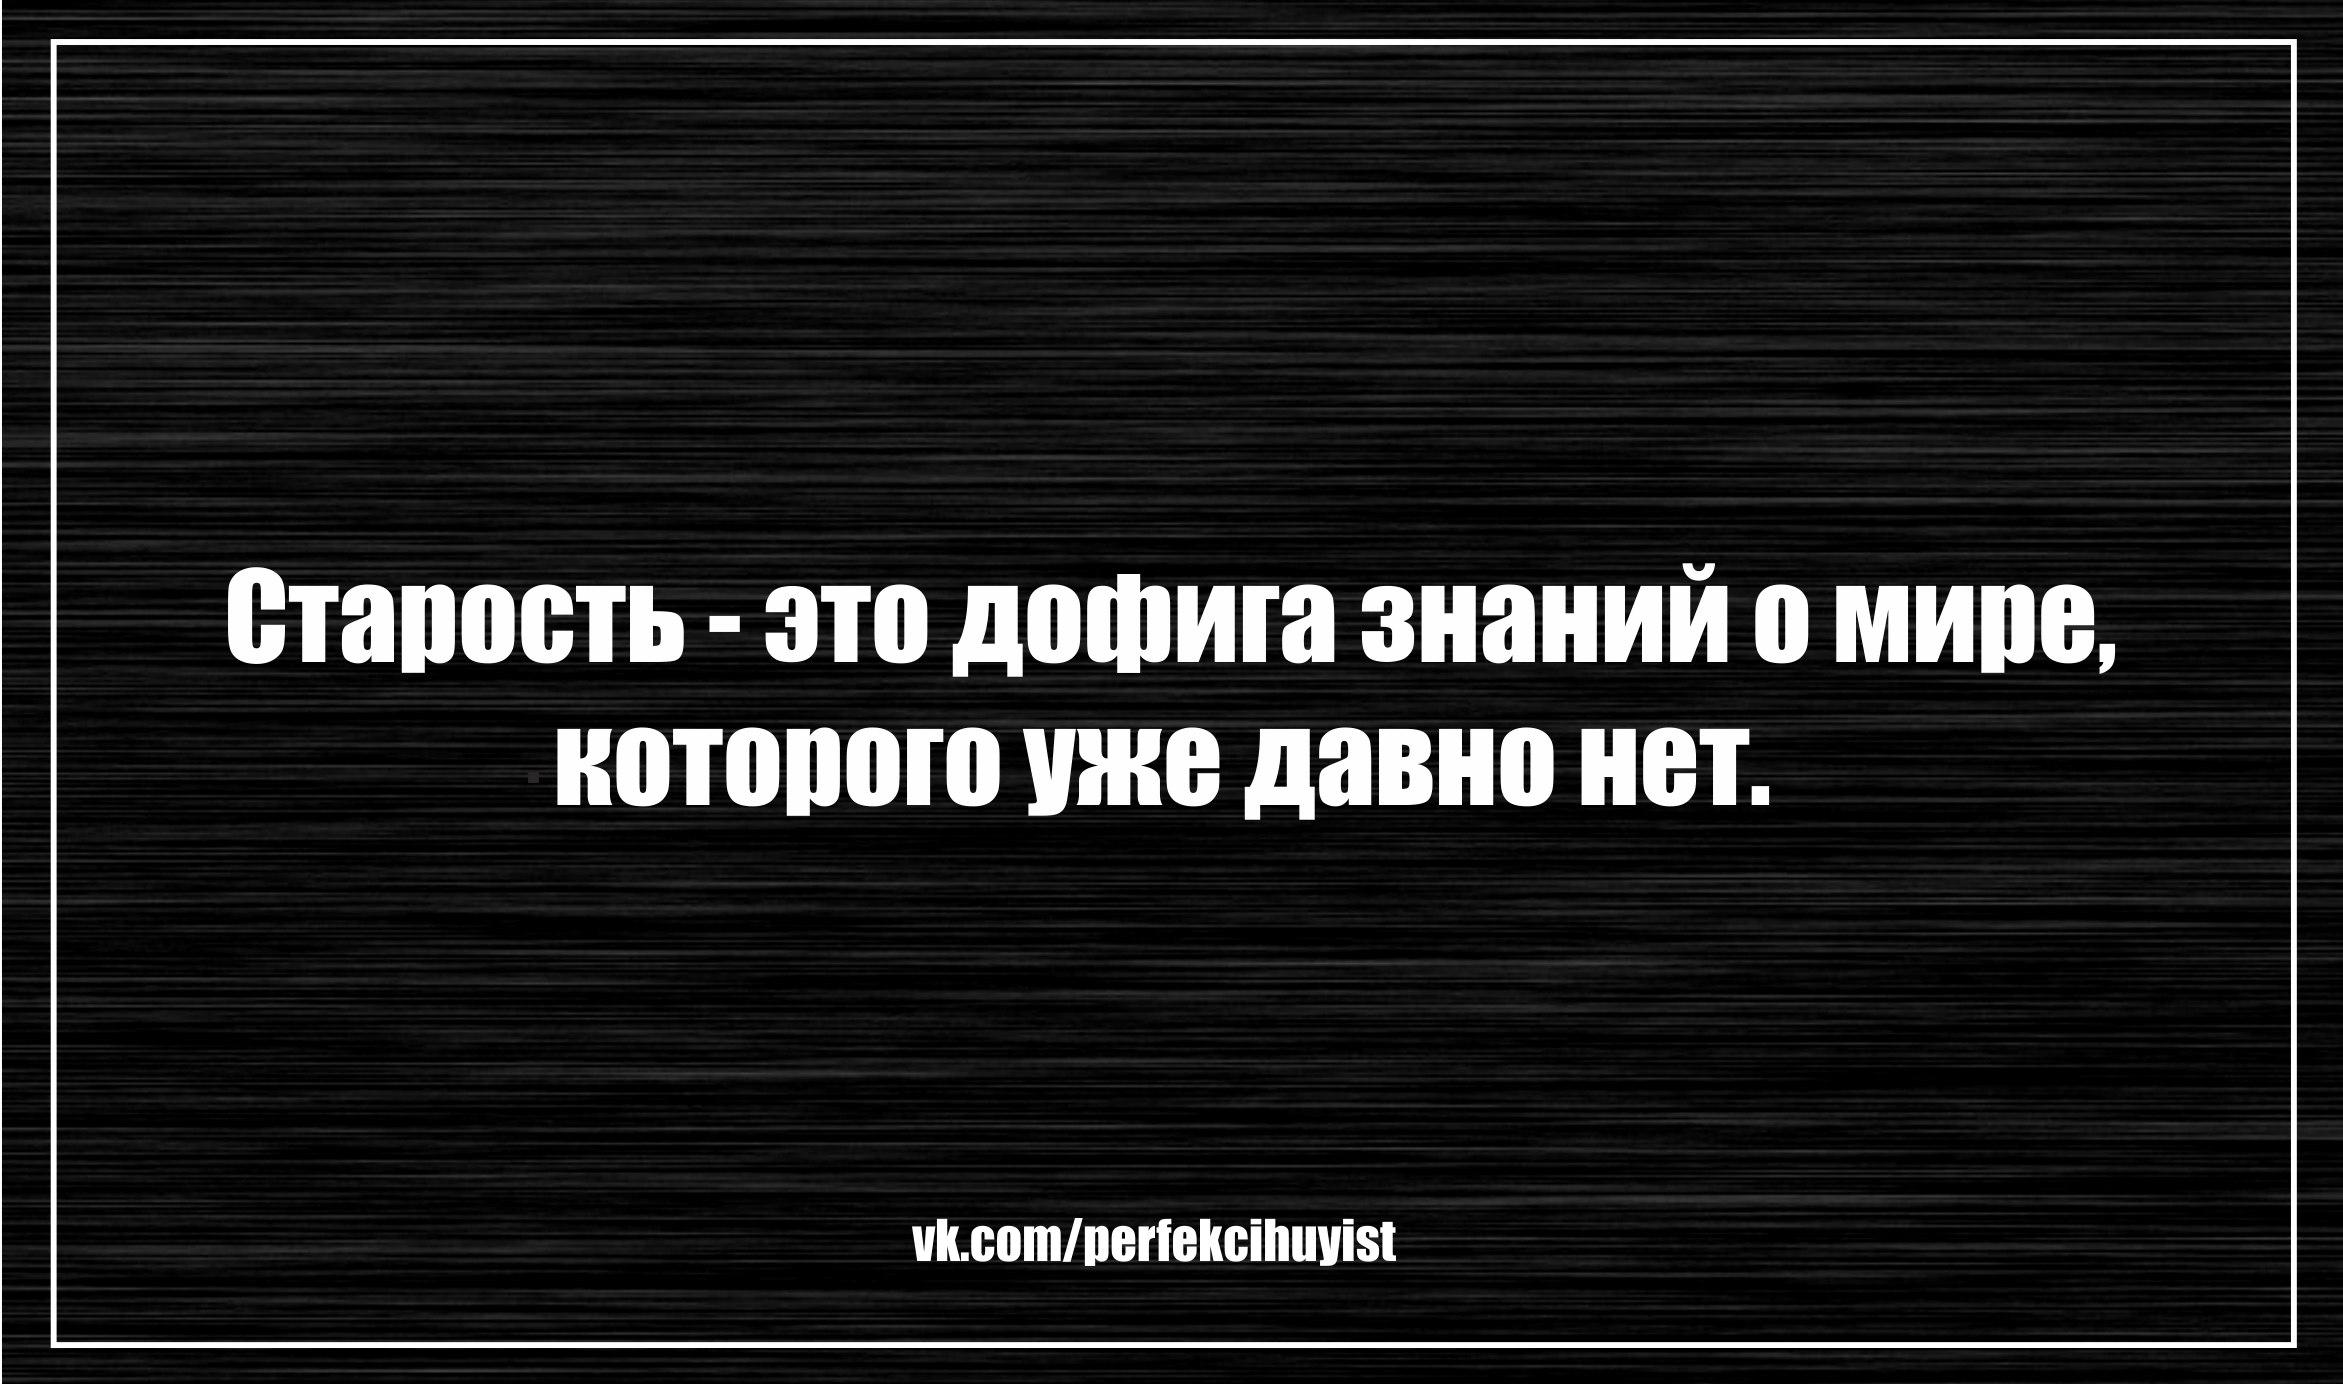 https://pp.vk.me/c543107/v543107246/20fa4/SleX31wccL0.jpg